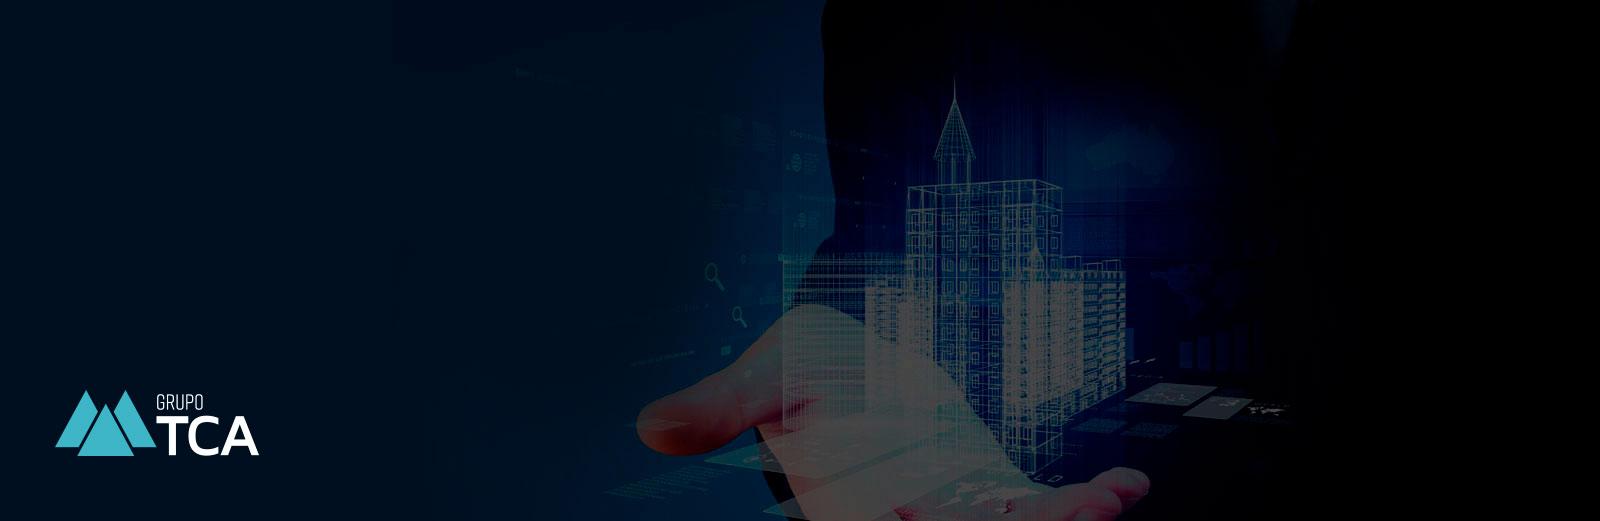 Como melhorar a Administração de Condomínios - 5 dicas essenciais